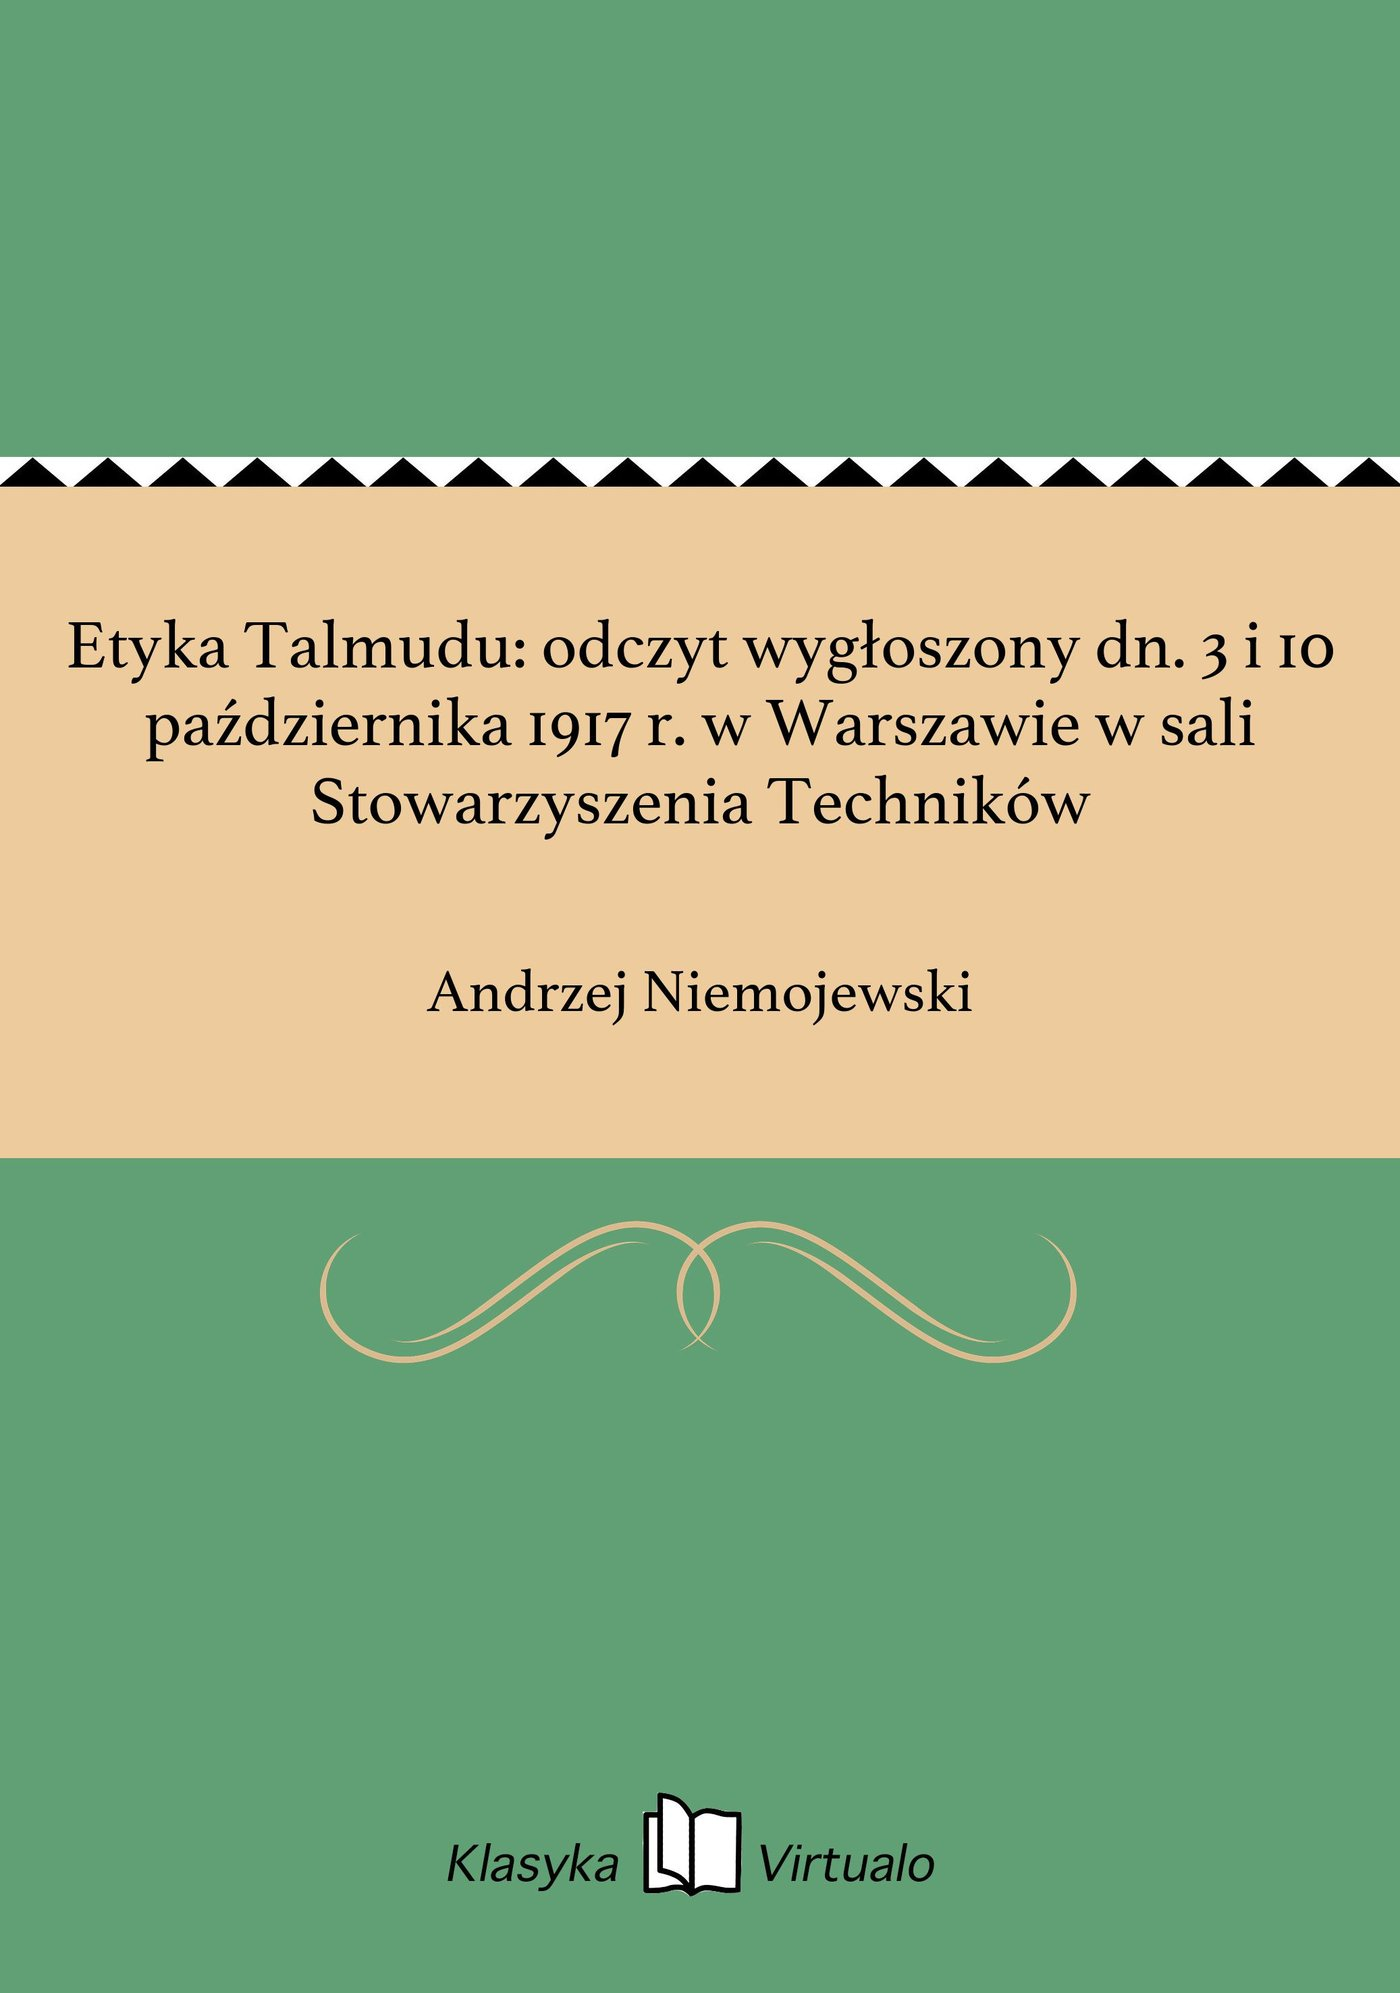 Etyka Talmudu: odczyt wygłoszony dn. 3 i 10 października 1917 r. w Warszawie w sali Stowarzyszenia Techników - Ebook (Książka EPUB) do pobrania w formacie EPUB